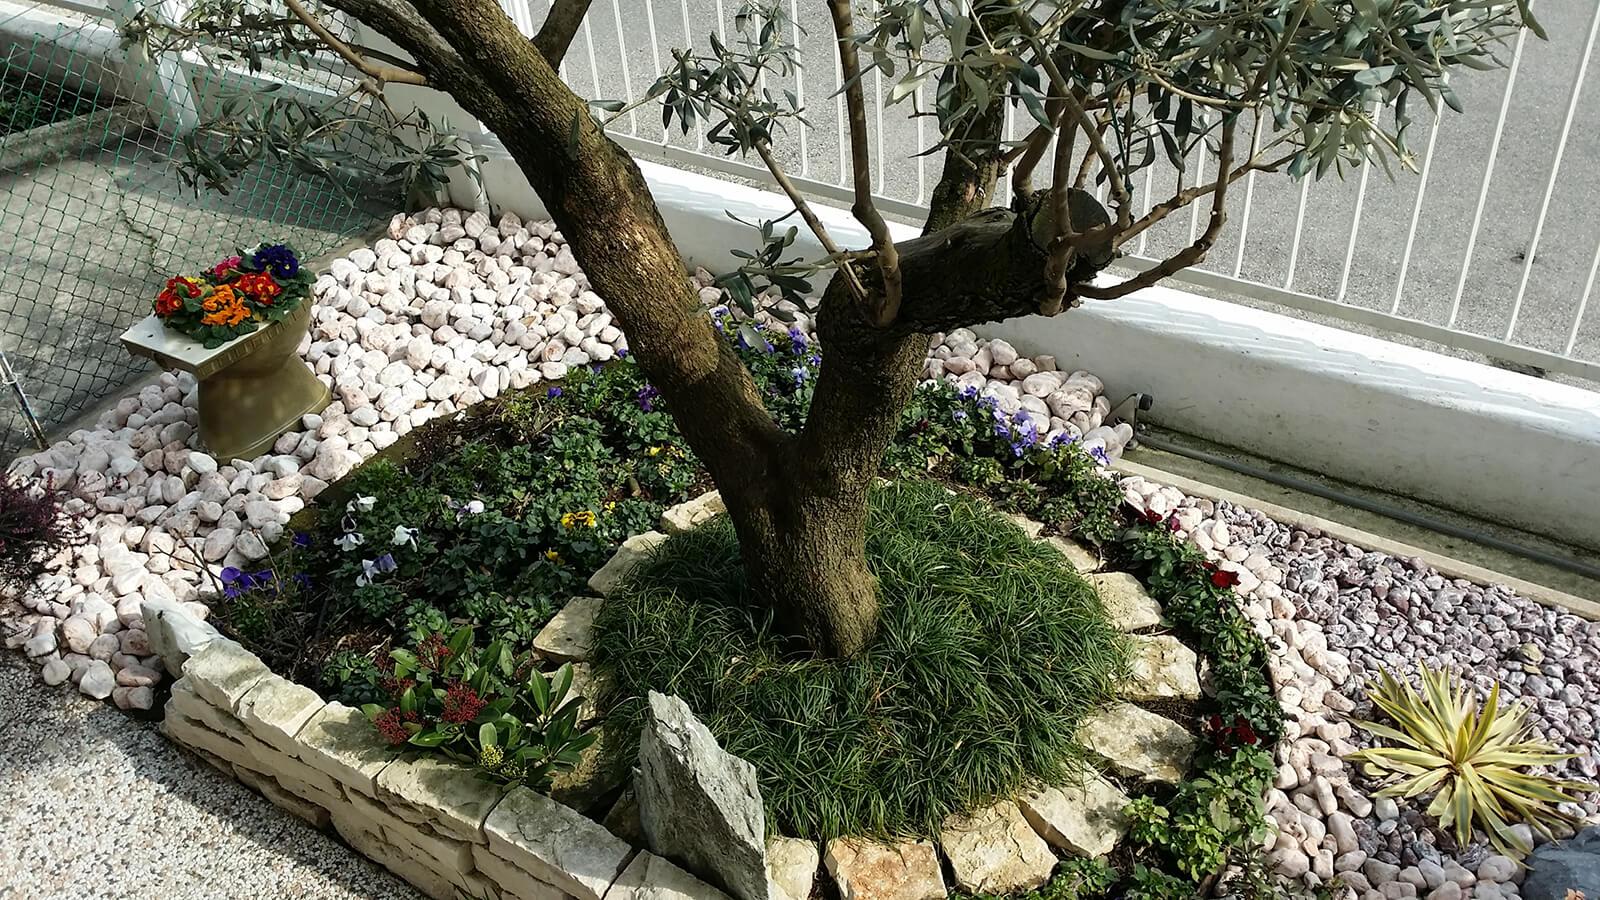 progettazione realizzazione giardini varie - verde blu giardini 3